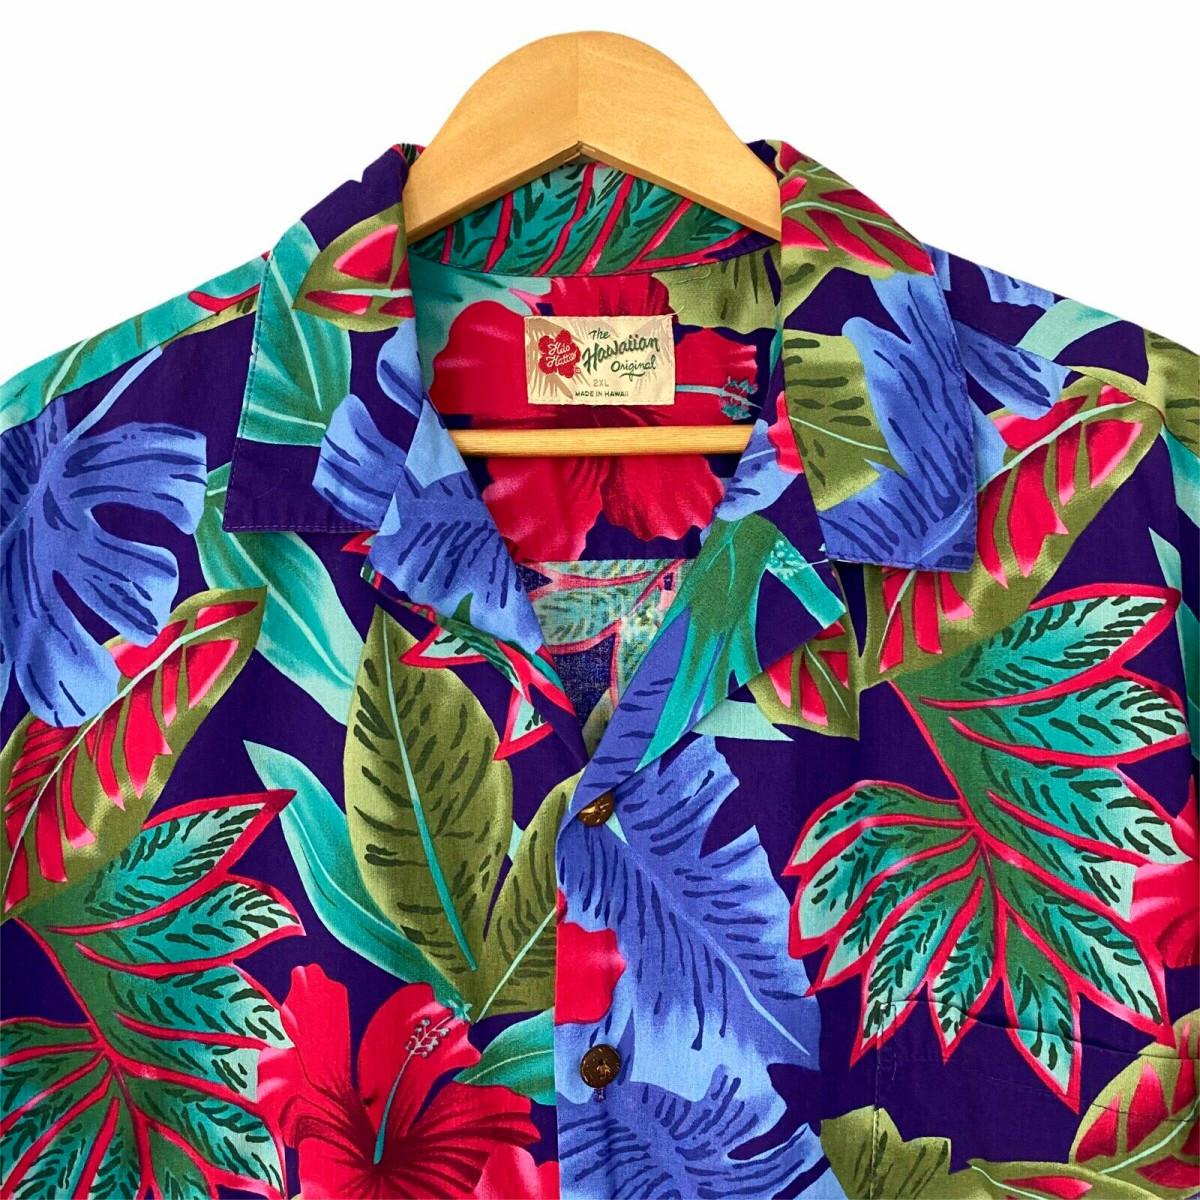 """Hilo Hattie Colorful Men's 2XL Cotton Short Sleeve Hawaiian Shirt Floral Palm Leaf … length 32.5"""" armpit to armpit 28"""""""